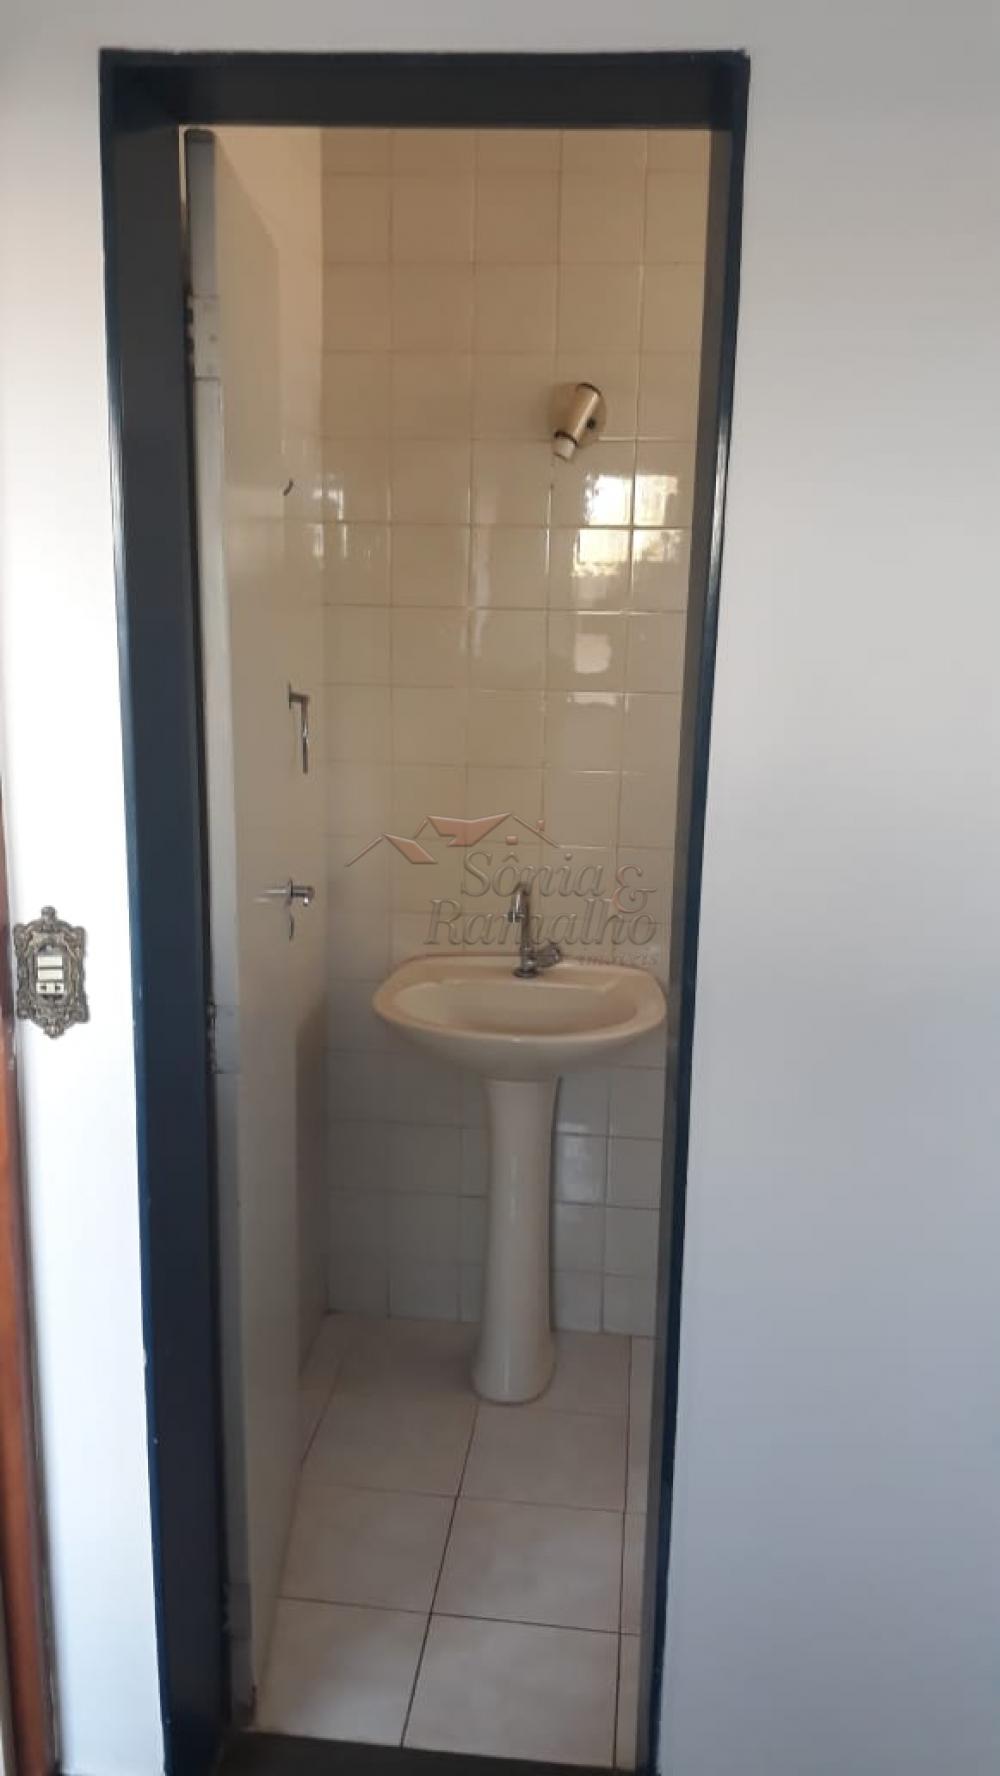 Alugar Apartamentos / Padrão em Ribeirão Preto apenas R$ 500,00 - Foto 23